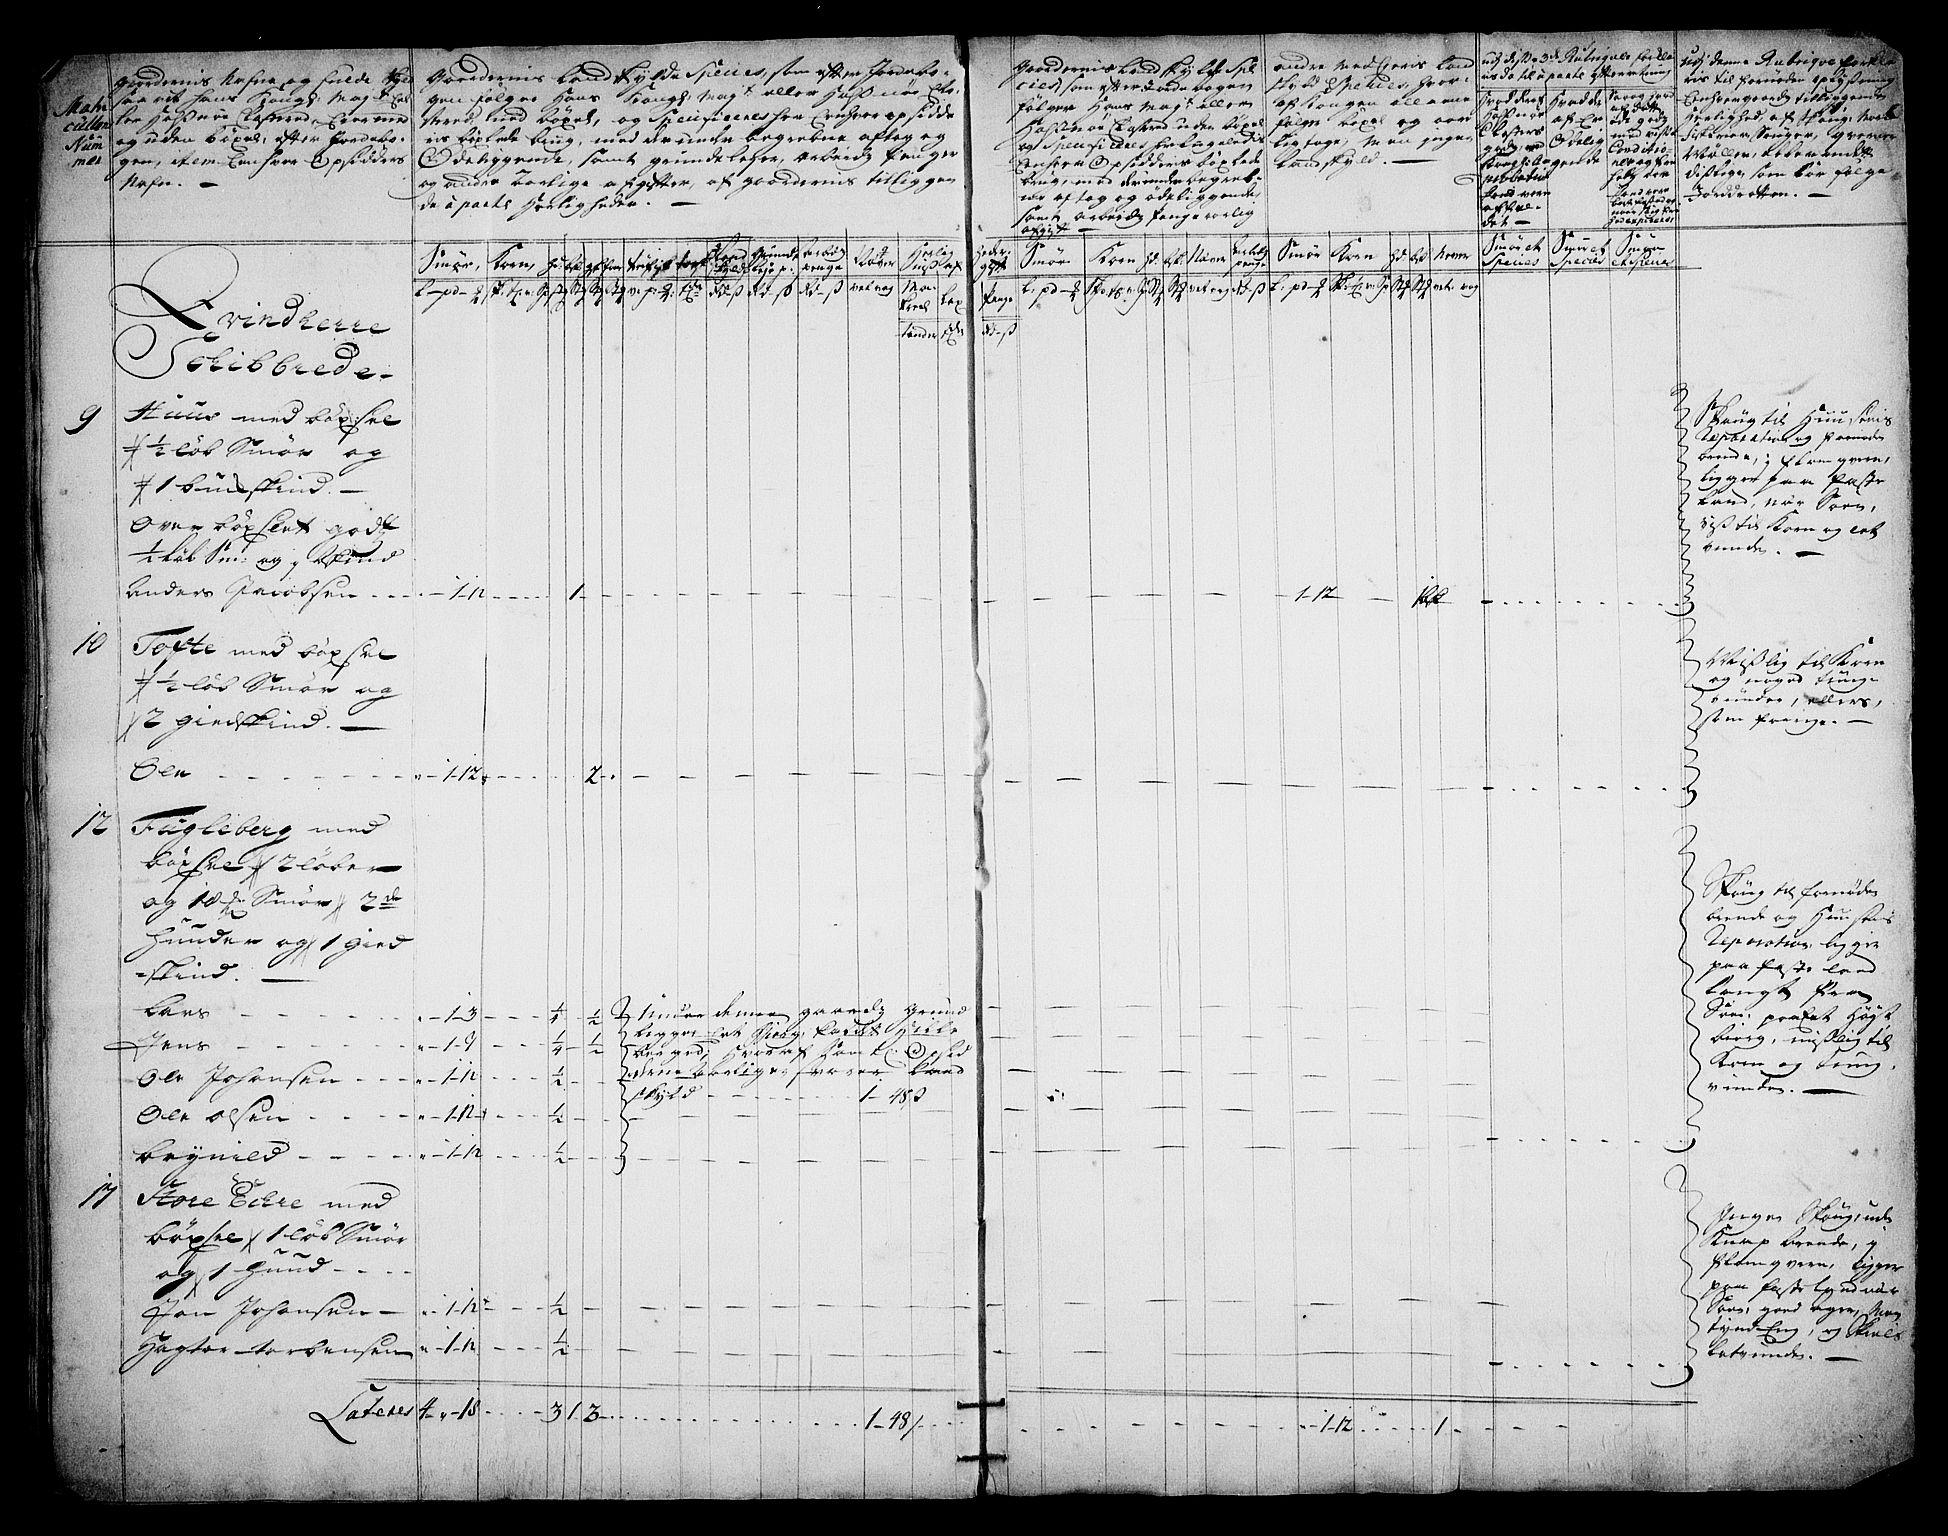 RA, Rentekammeret inntil 1814, Realistisk ordnet avdeling, On/L0003: [Jj 4]: Kommisjonsforretning over Vilhelm Hanssøns forpaktning av Halsnøy klosters gods, 1721-1729, s. 201